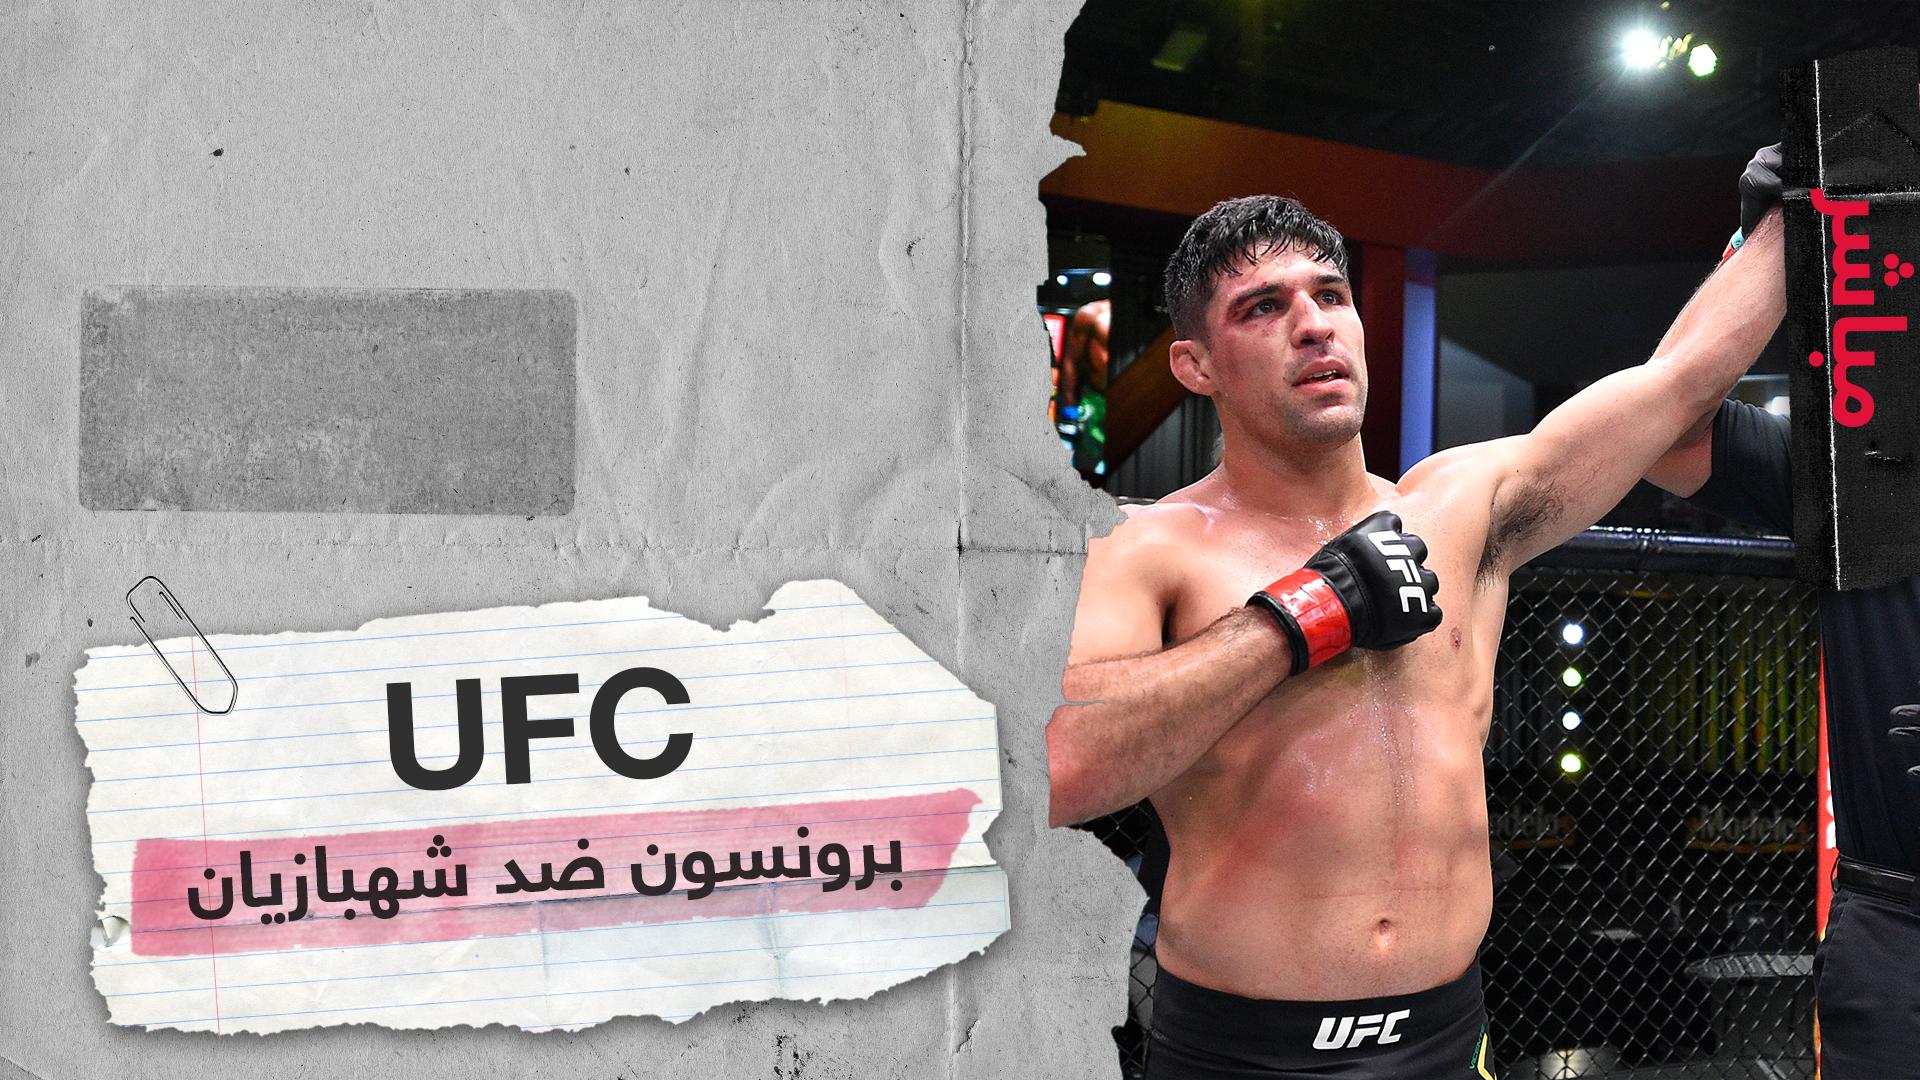 UFC.. شهبازيان يتكبد هزيمته الأولى ولوكيه يواصل تألقه ويتحدى دياز